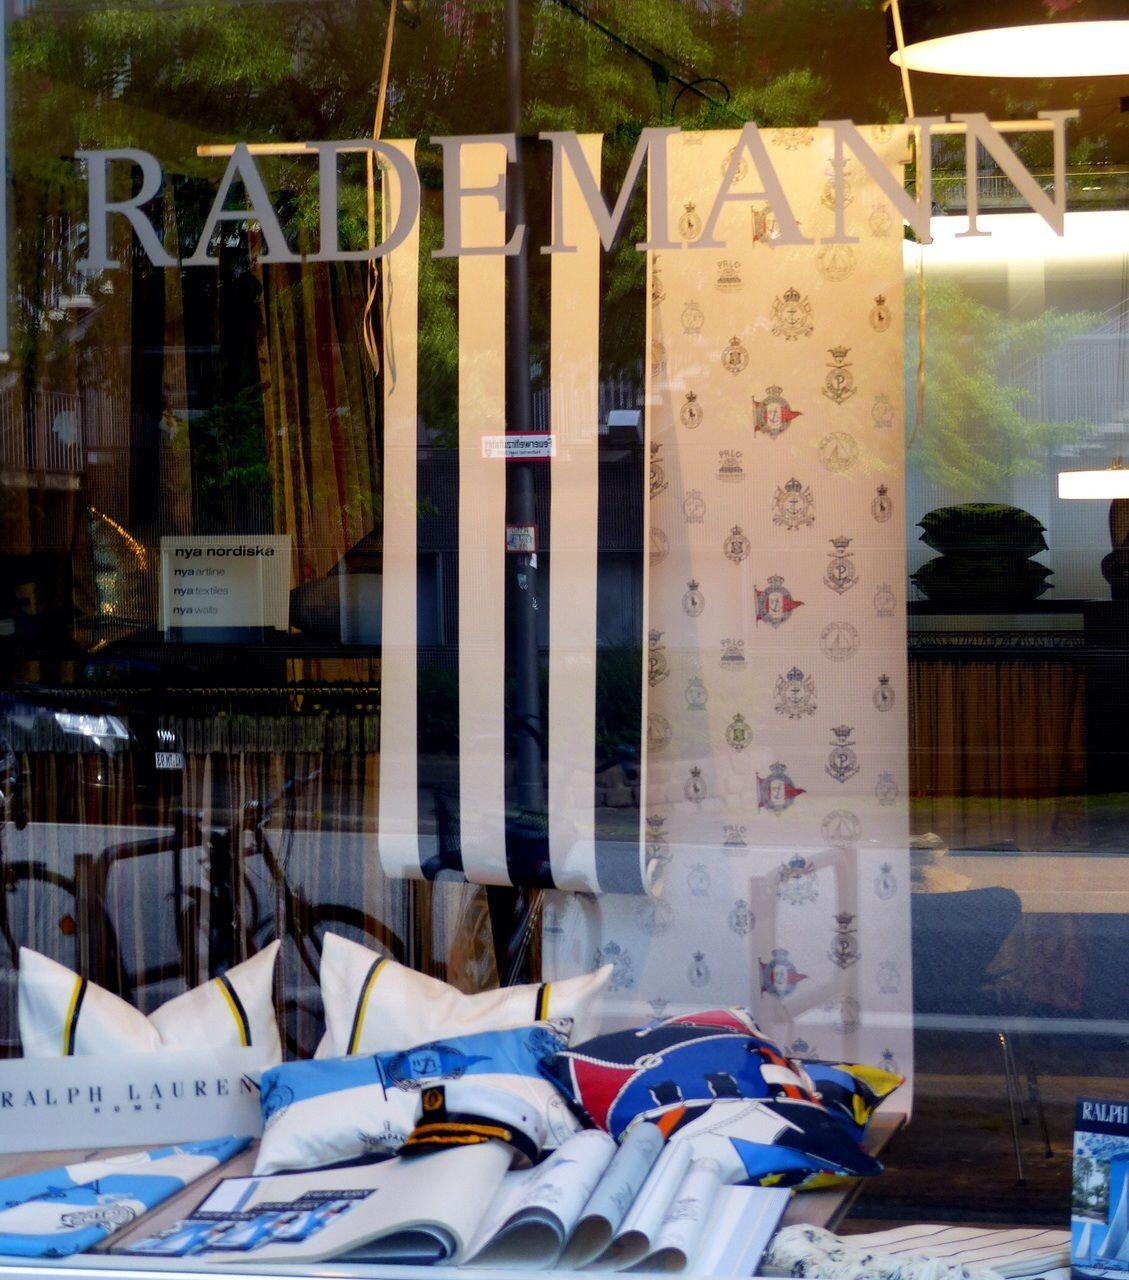 Tapete Maritim rademann schaufenster maritim mit tapete kissen und dekostoffen